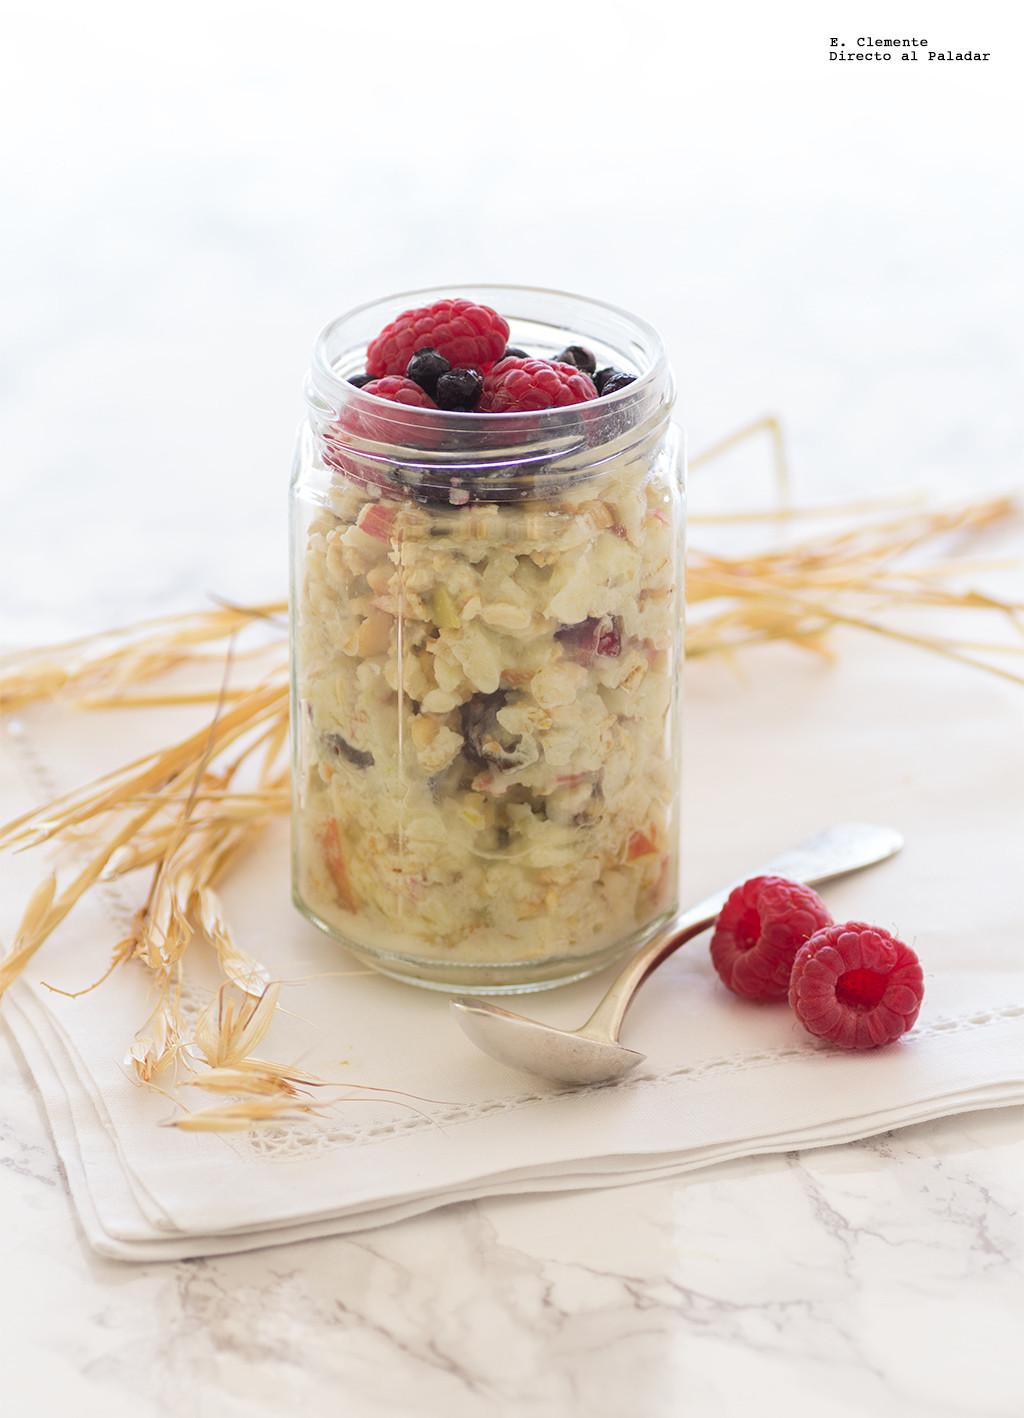 Muesli Bircher Receta De Cocina Facil Sencilla Y Deliciosa